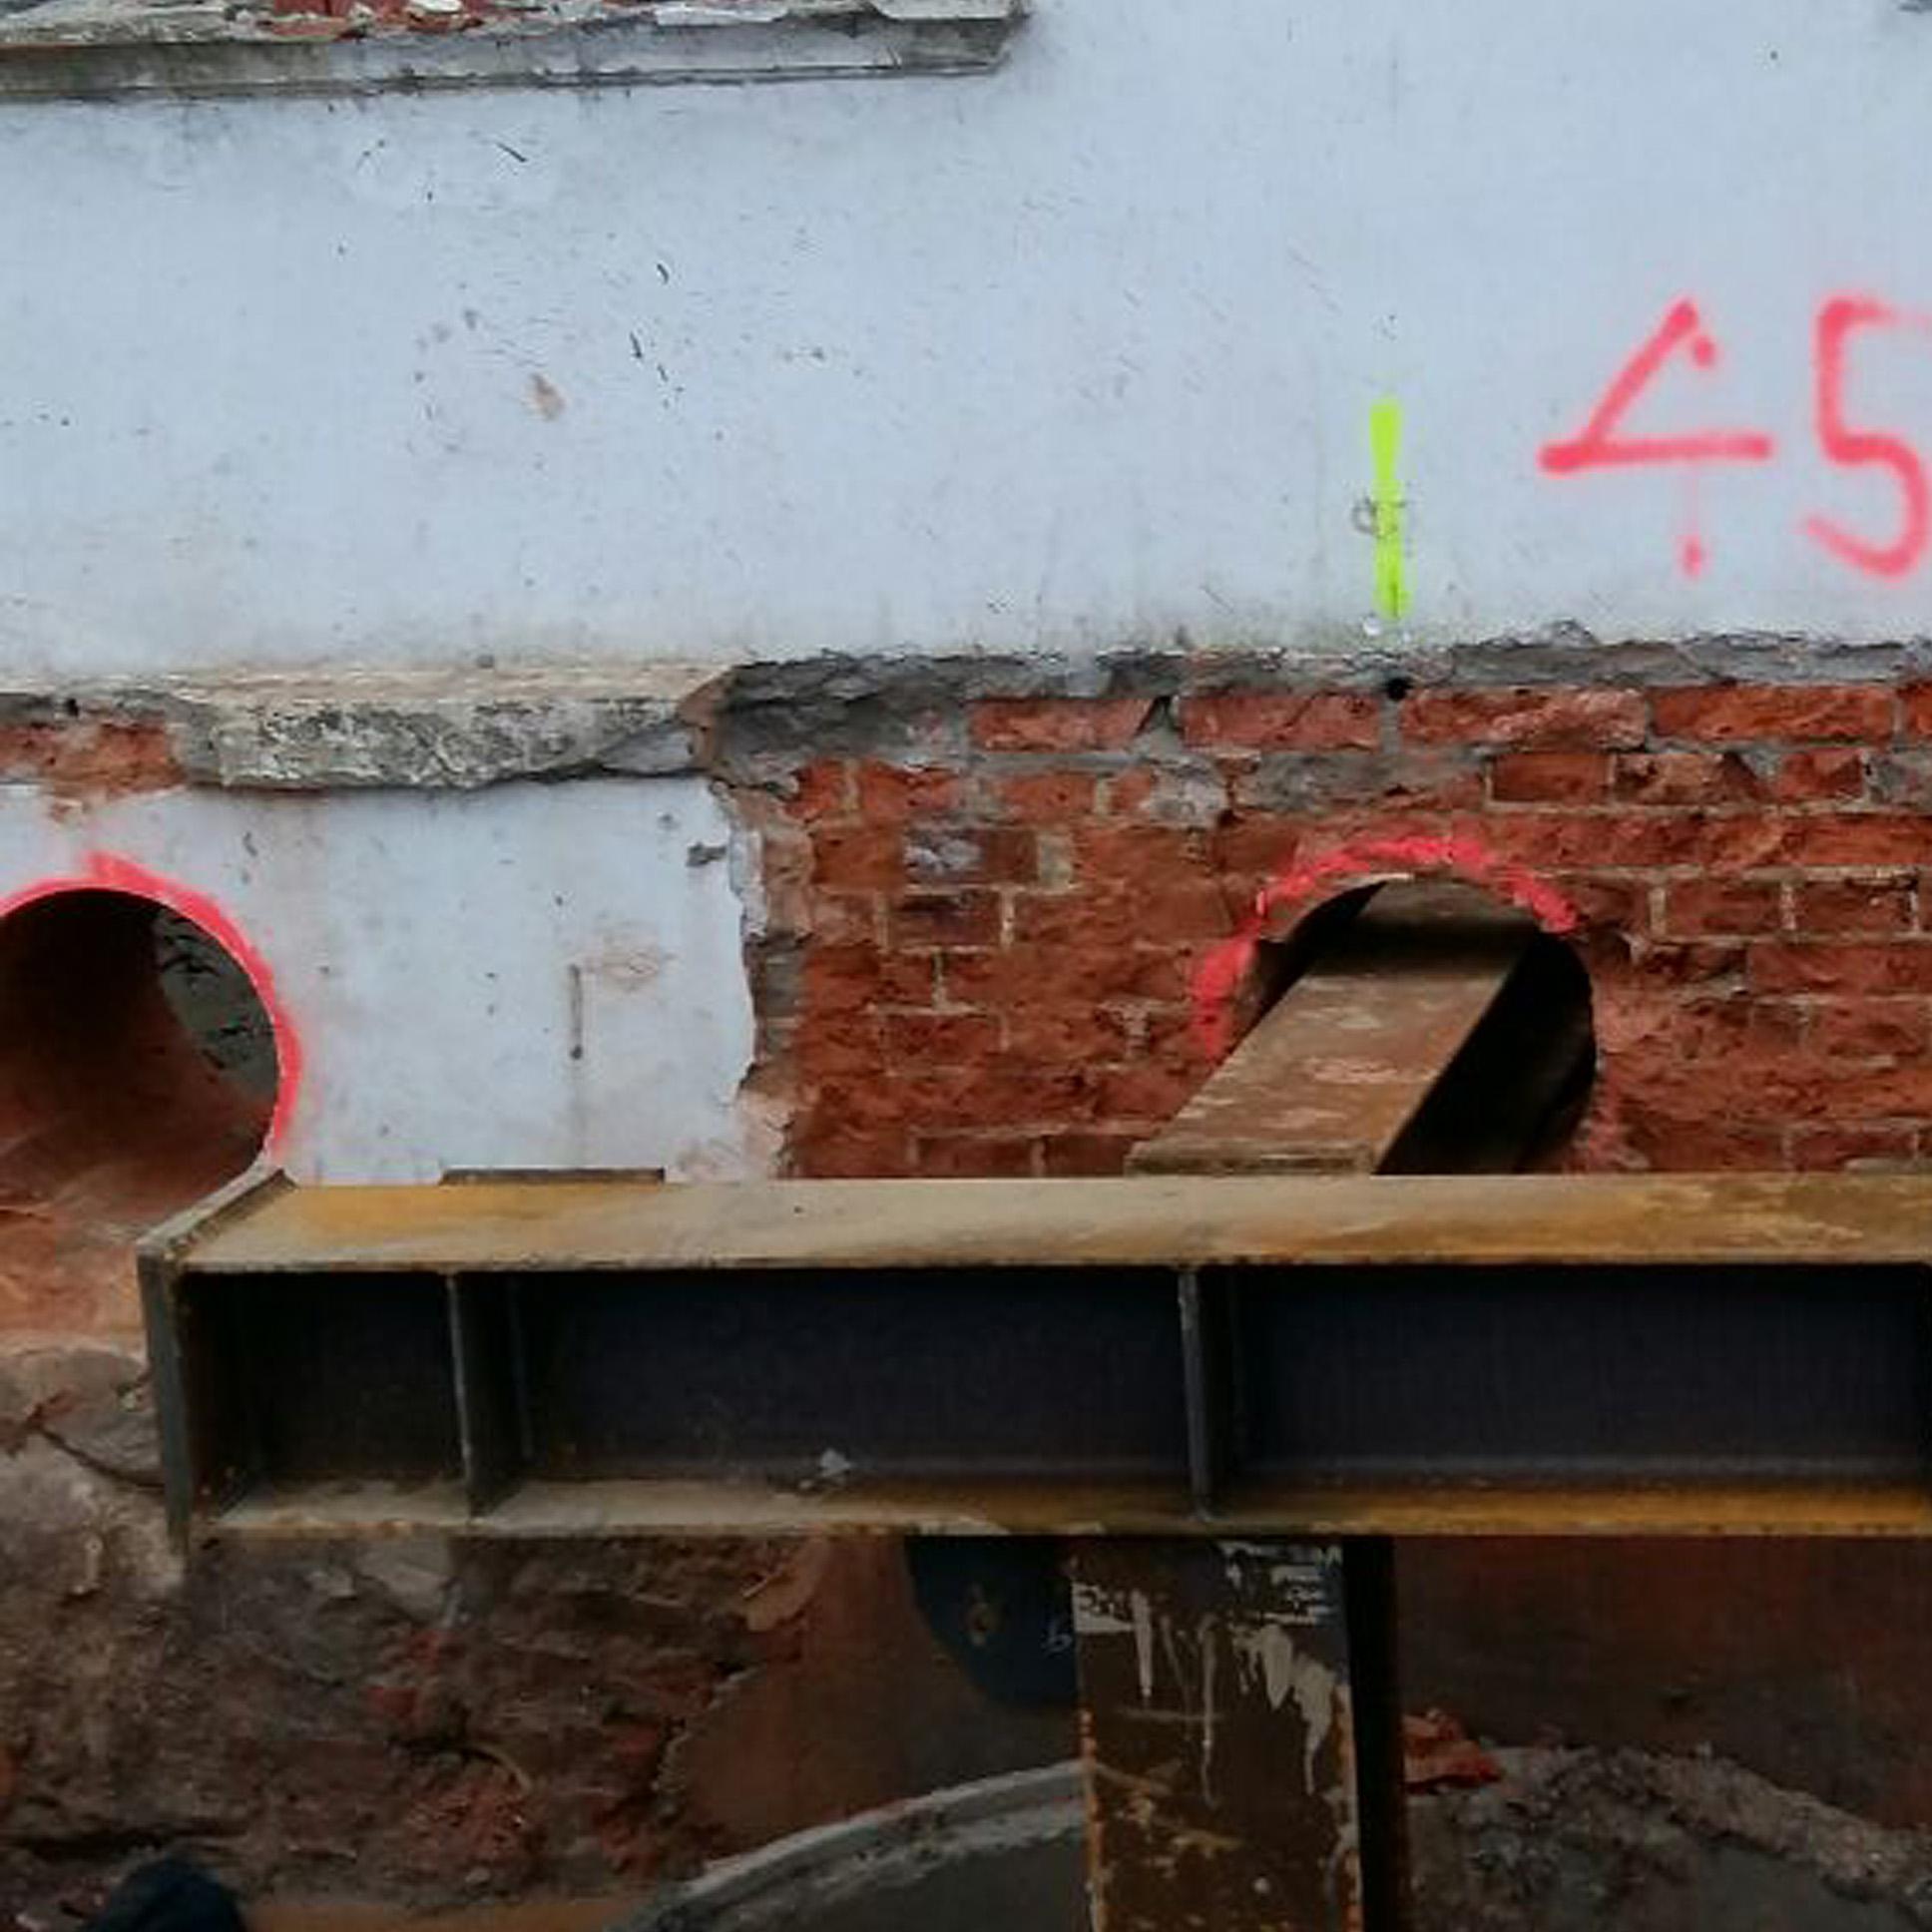 Heiligendamm- Villensanierung - Vorbereitungen zum Einbau von Tiefgaragen